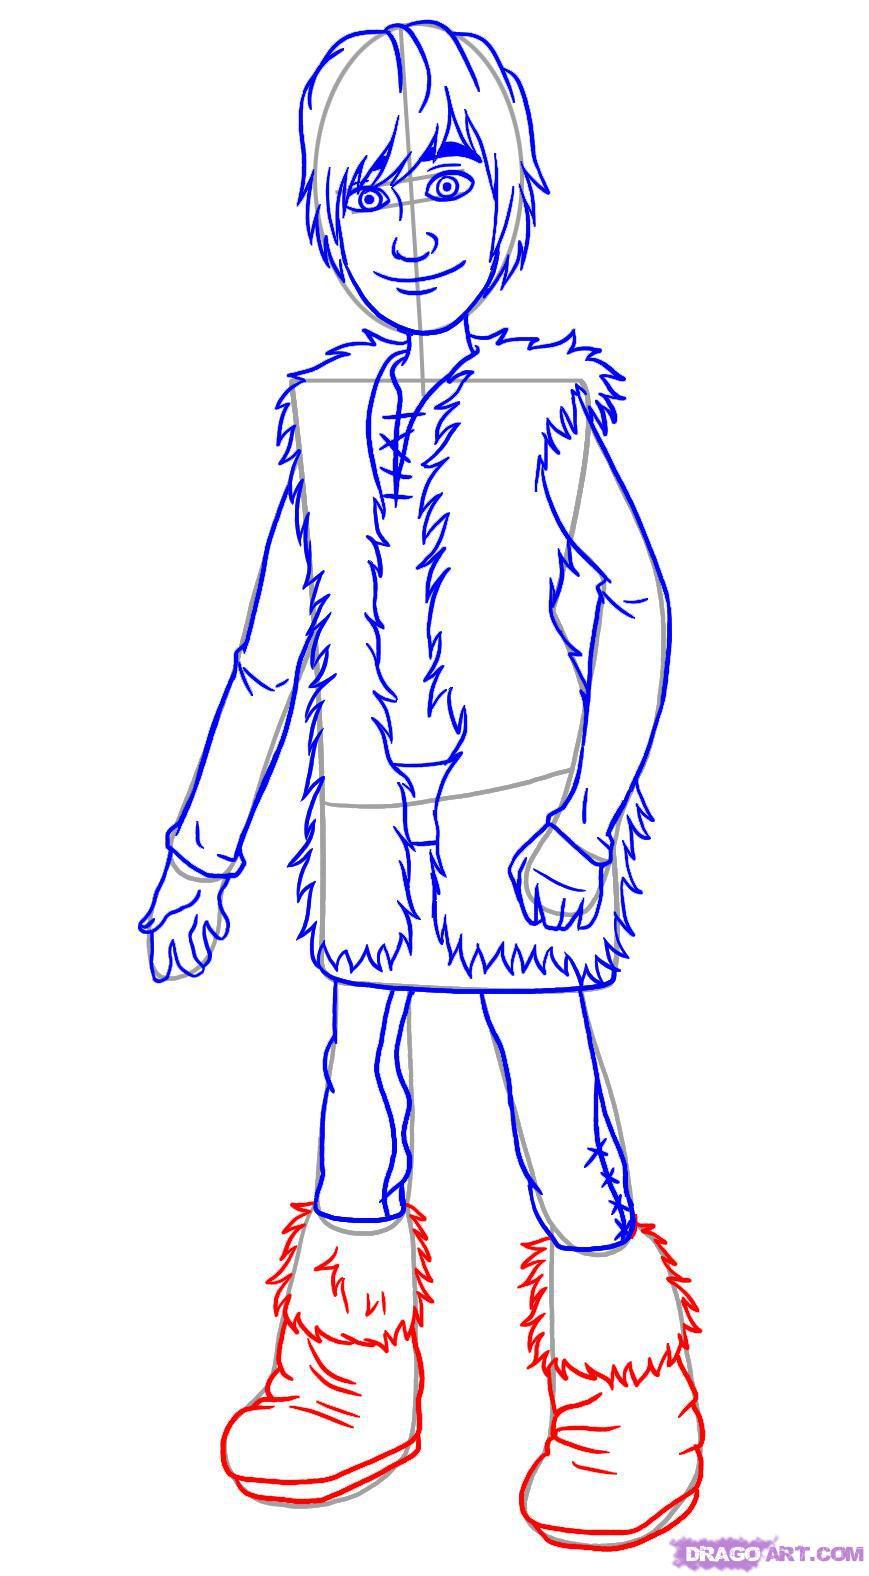 Рисуем Иккинга из мультфильма Как приручить дракона